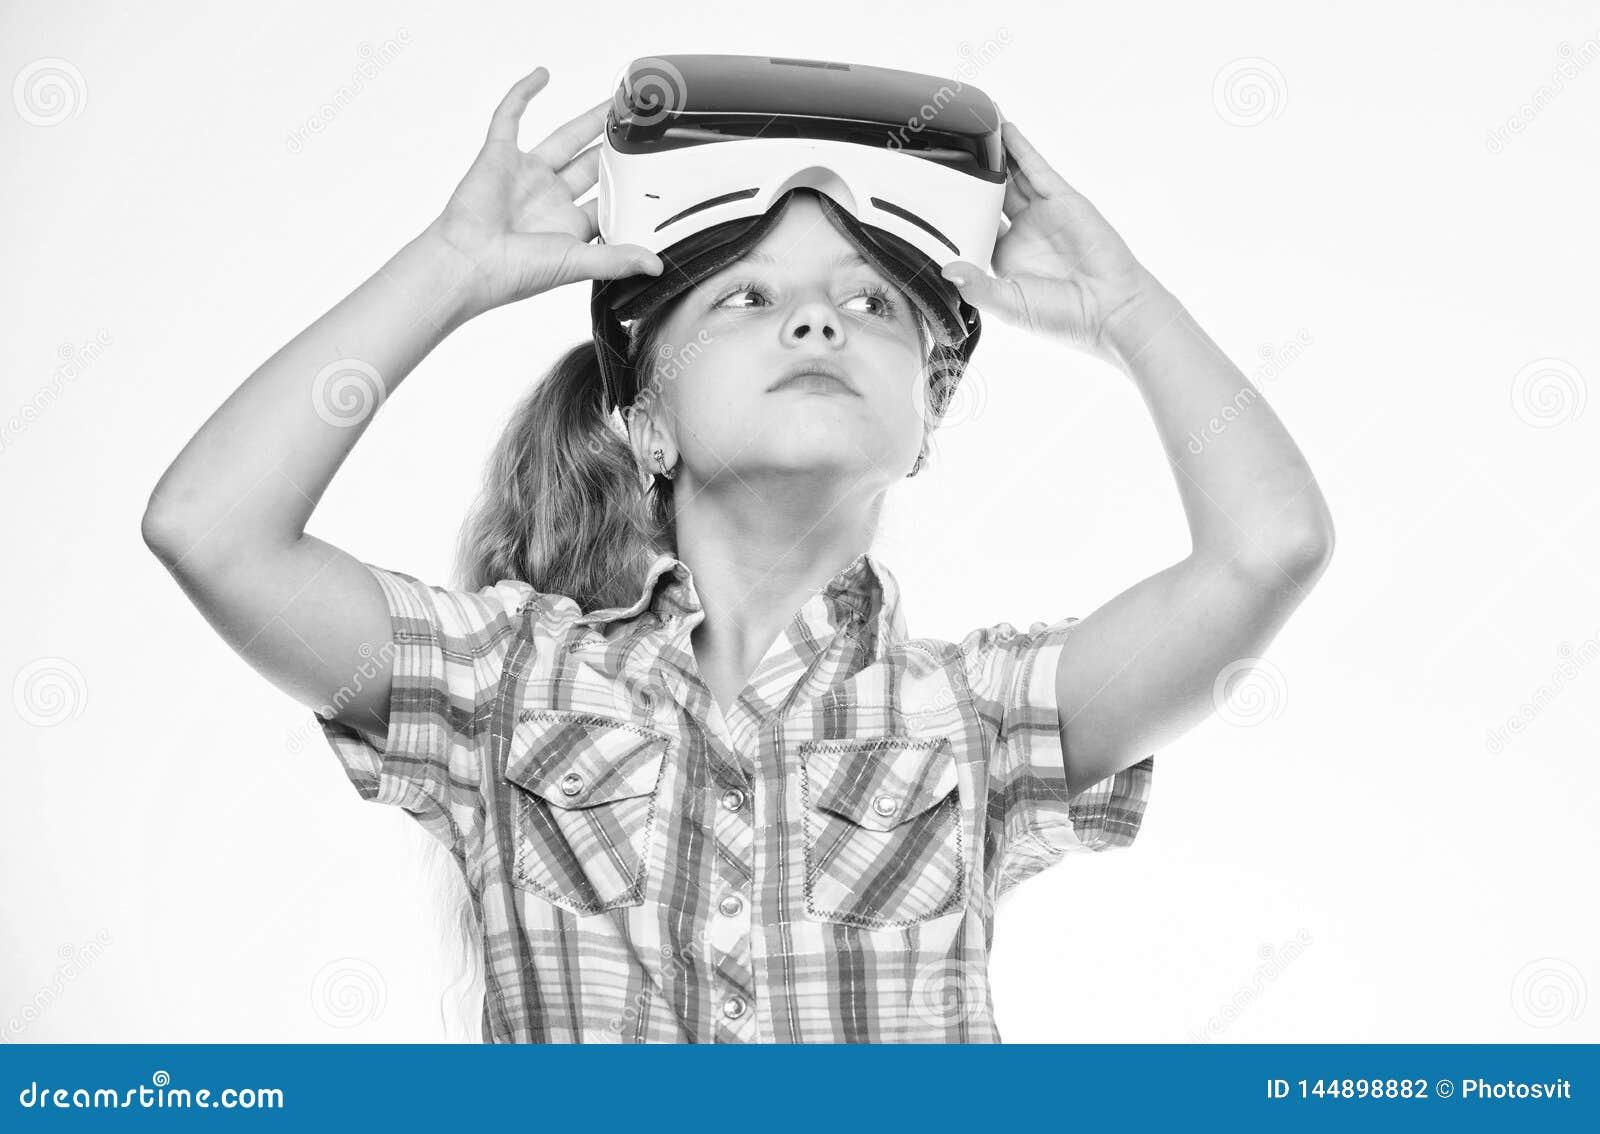 Faktiska lekar f?r barnlek med den moderna apparaten Unders?k det faktiska tillf?llet Nyast ungevirtuell verklighetlekar faktiskt